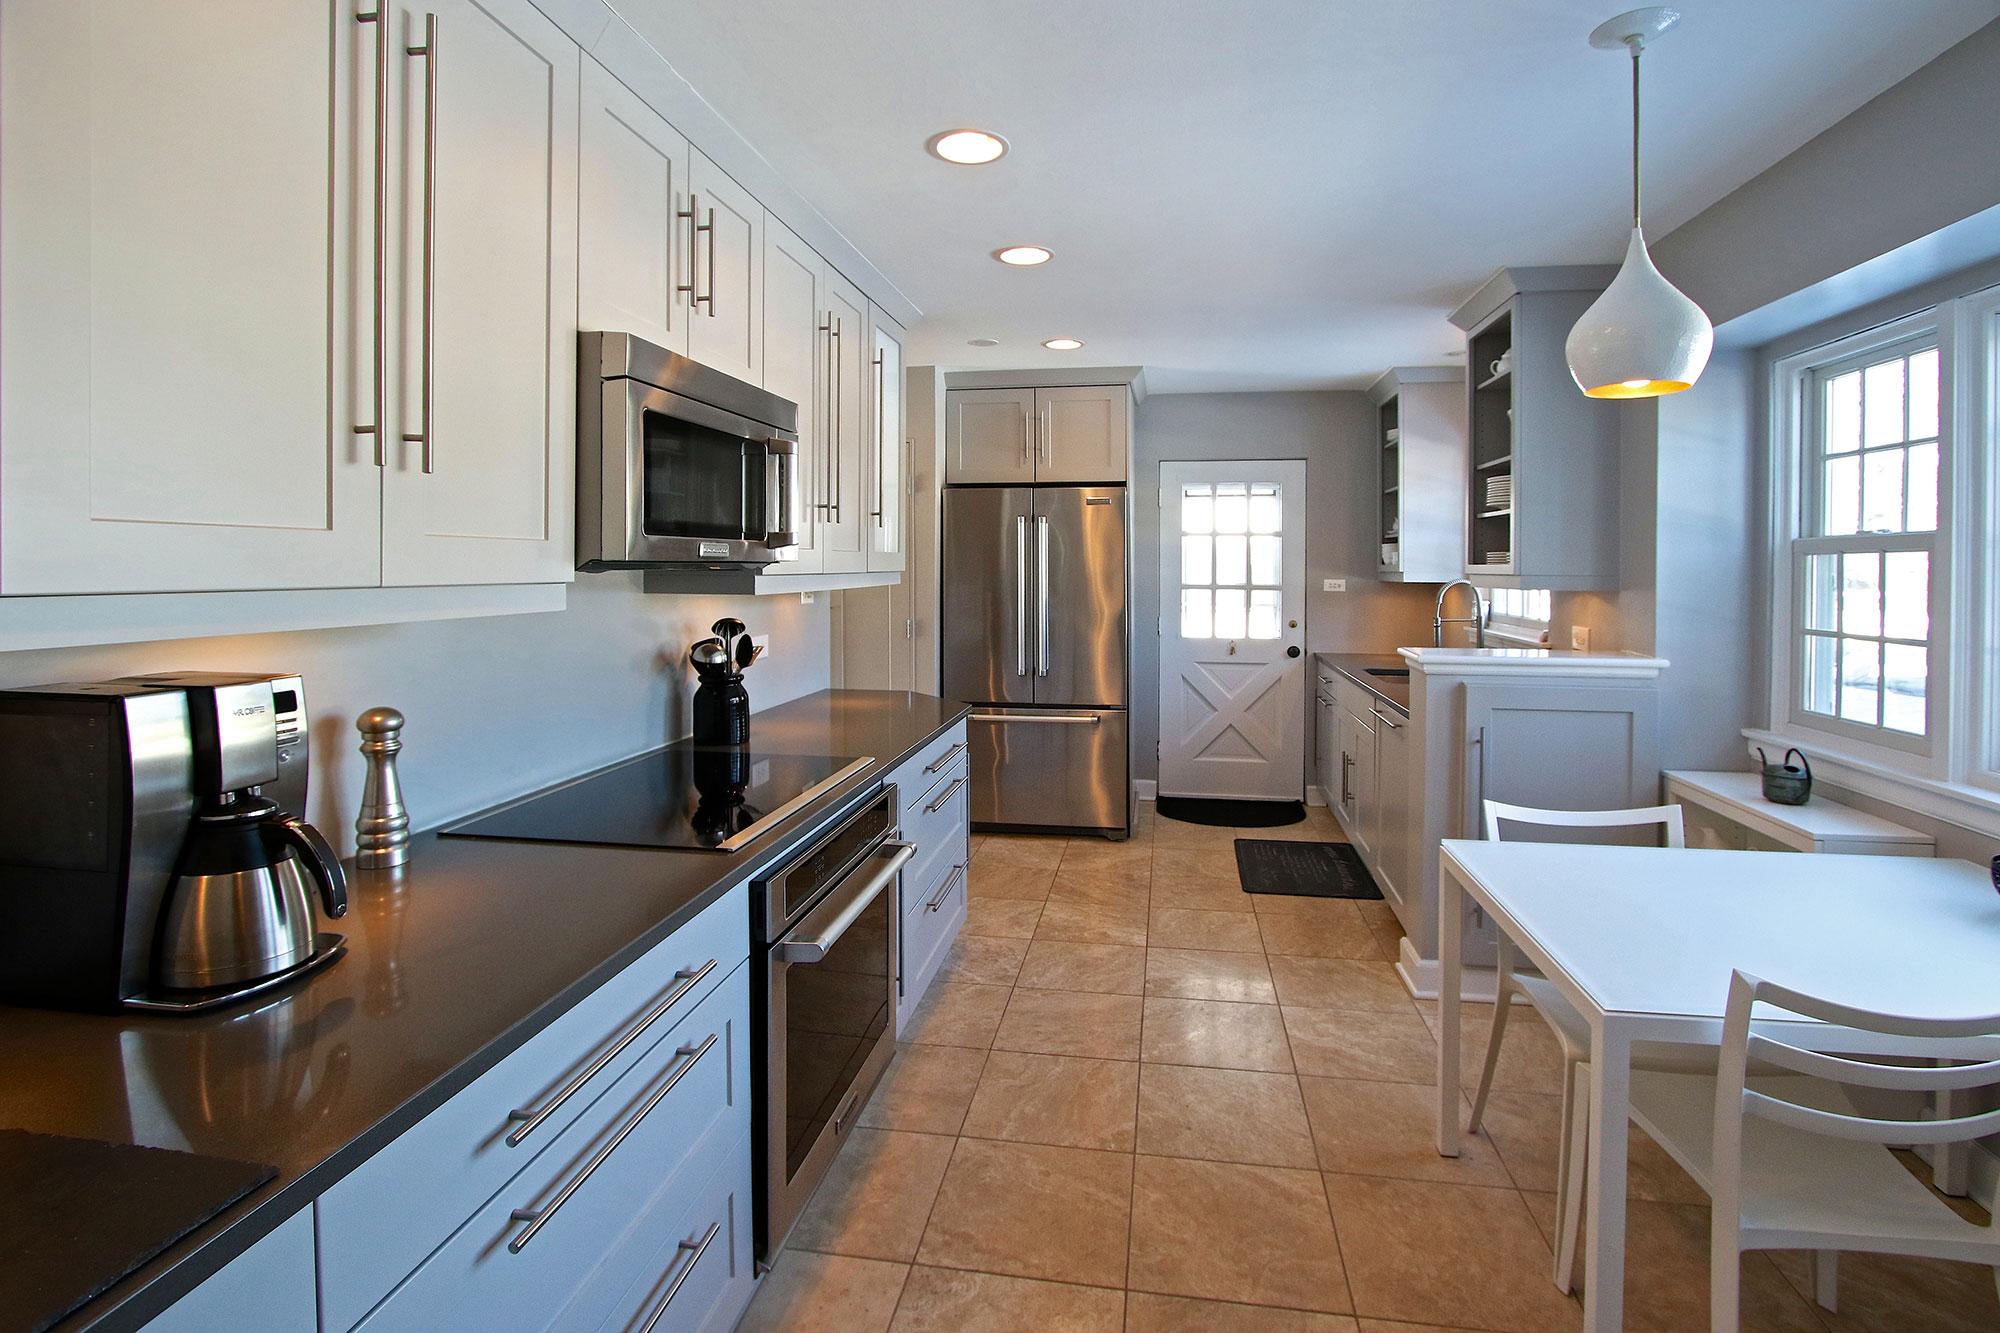 Kitchen Side View : Cabinets kitchen bath bathroom